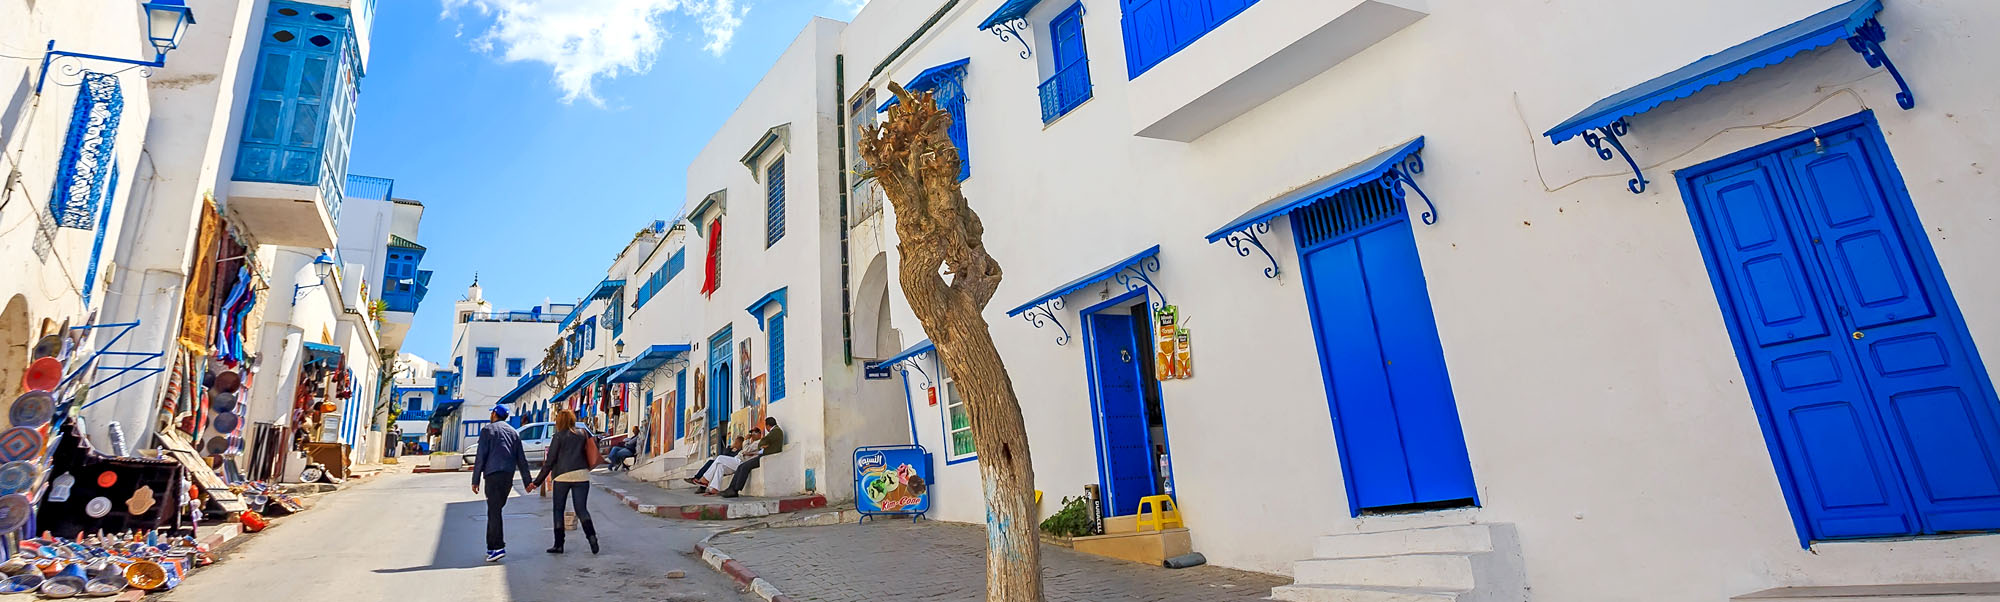 схема отеля tour khalef